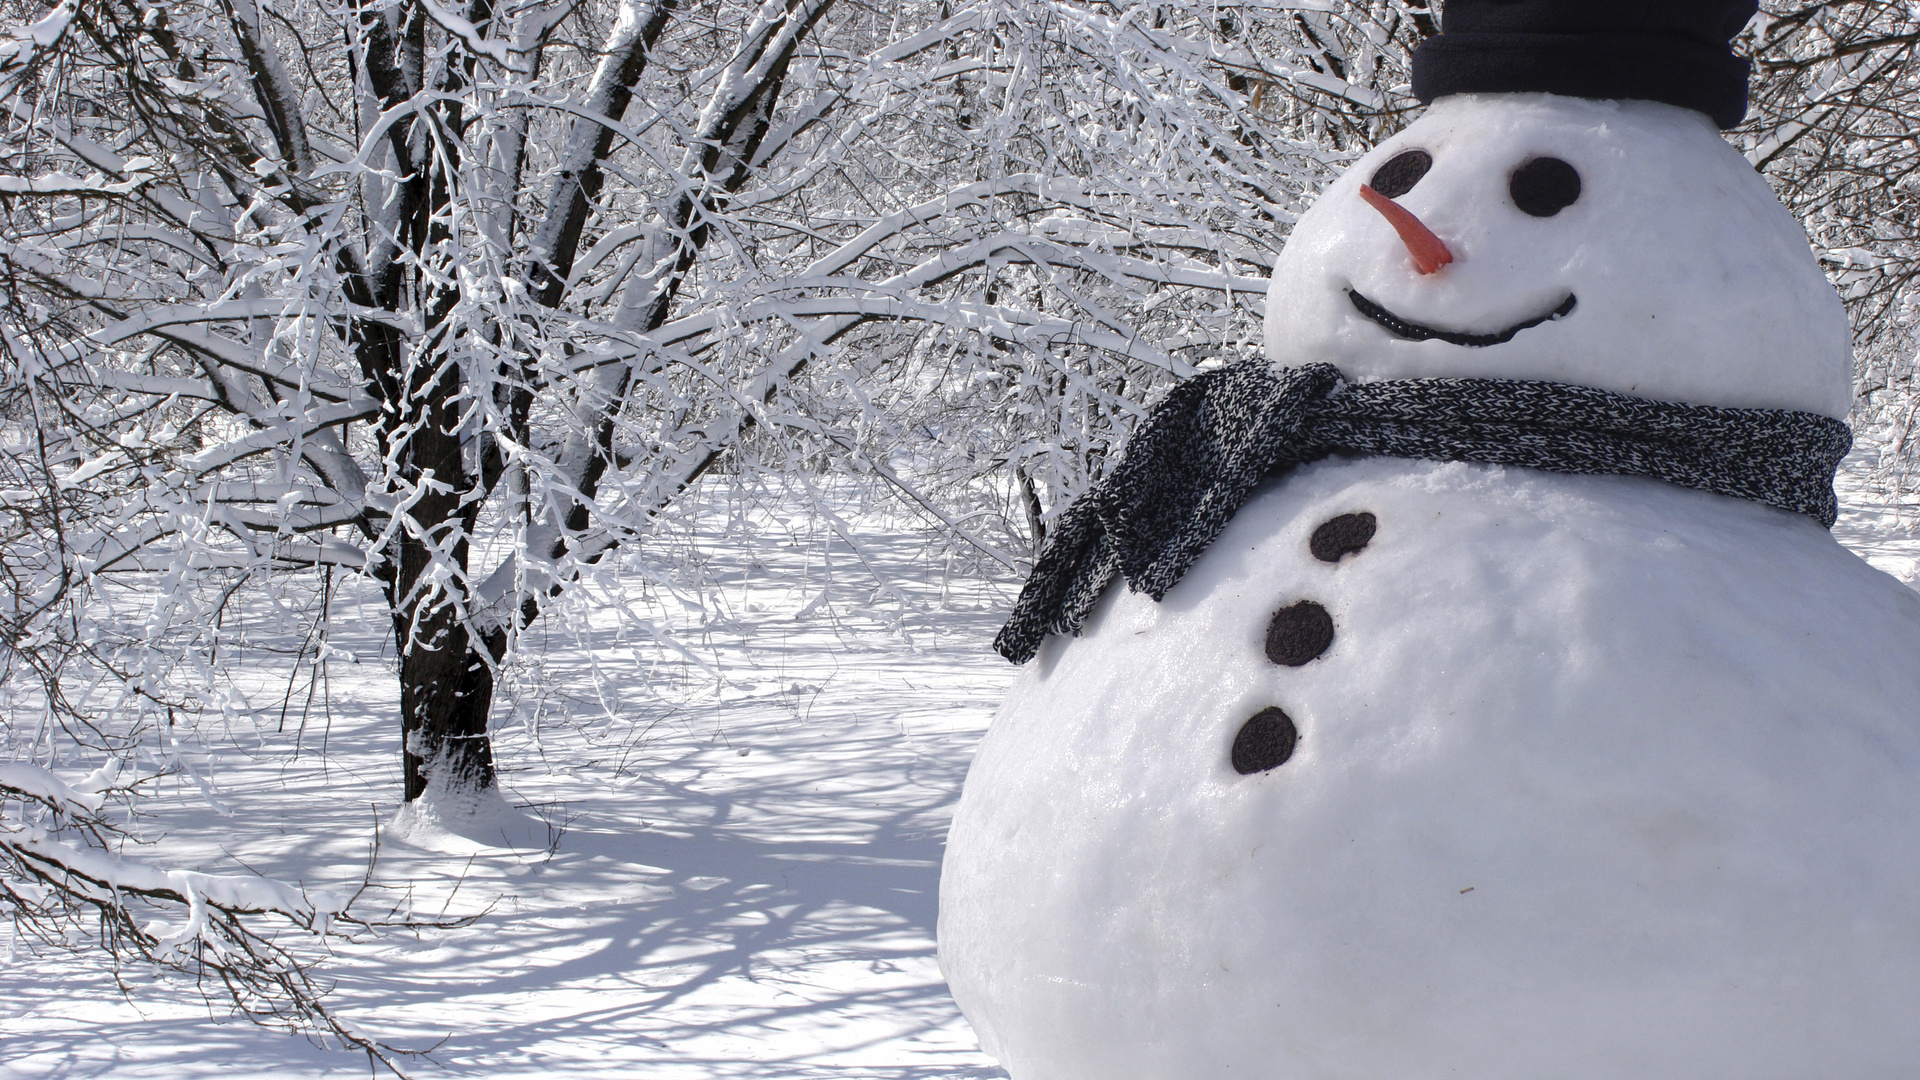 прикольные картинки про зиму на аву зуб